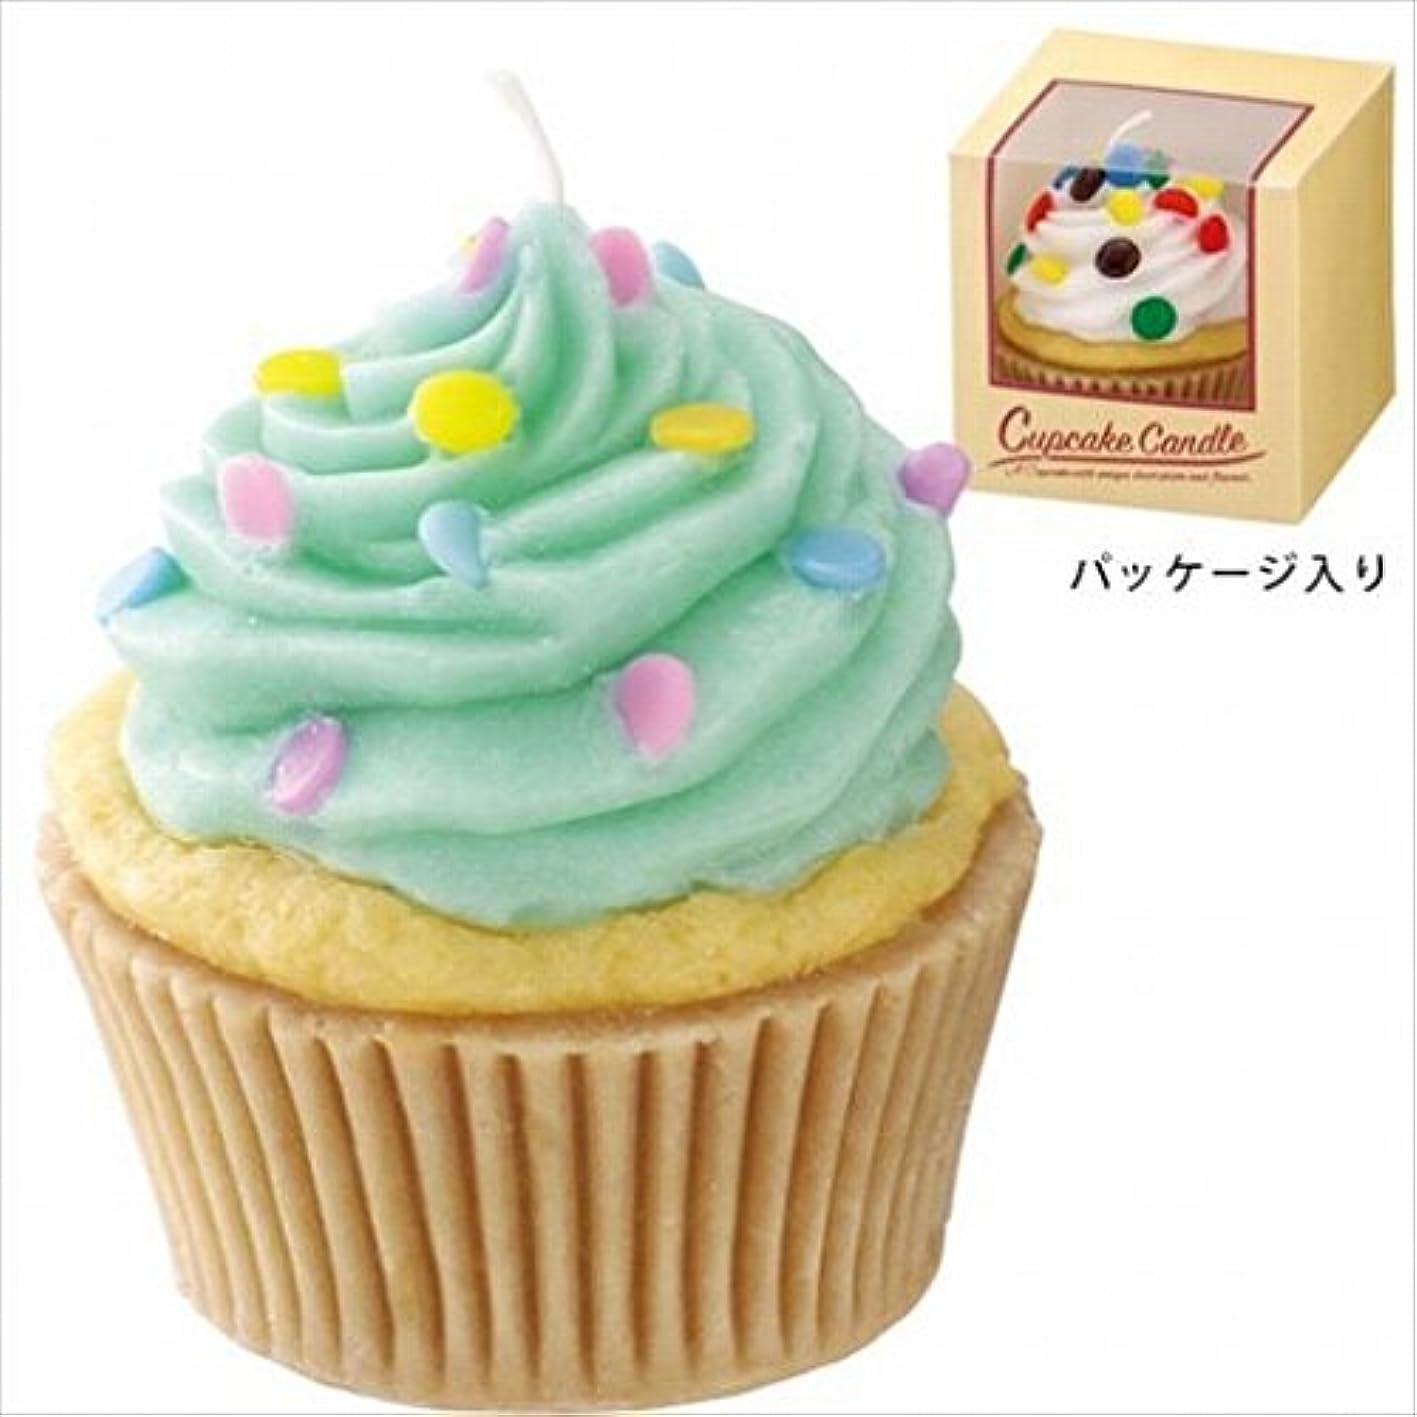 根絶するアクセスできない禁輸カメヤマキャンドル(kameyama candle) アメリカンカップケーキキャンドル 「 ミントクリーム 」